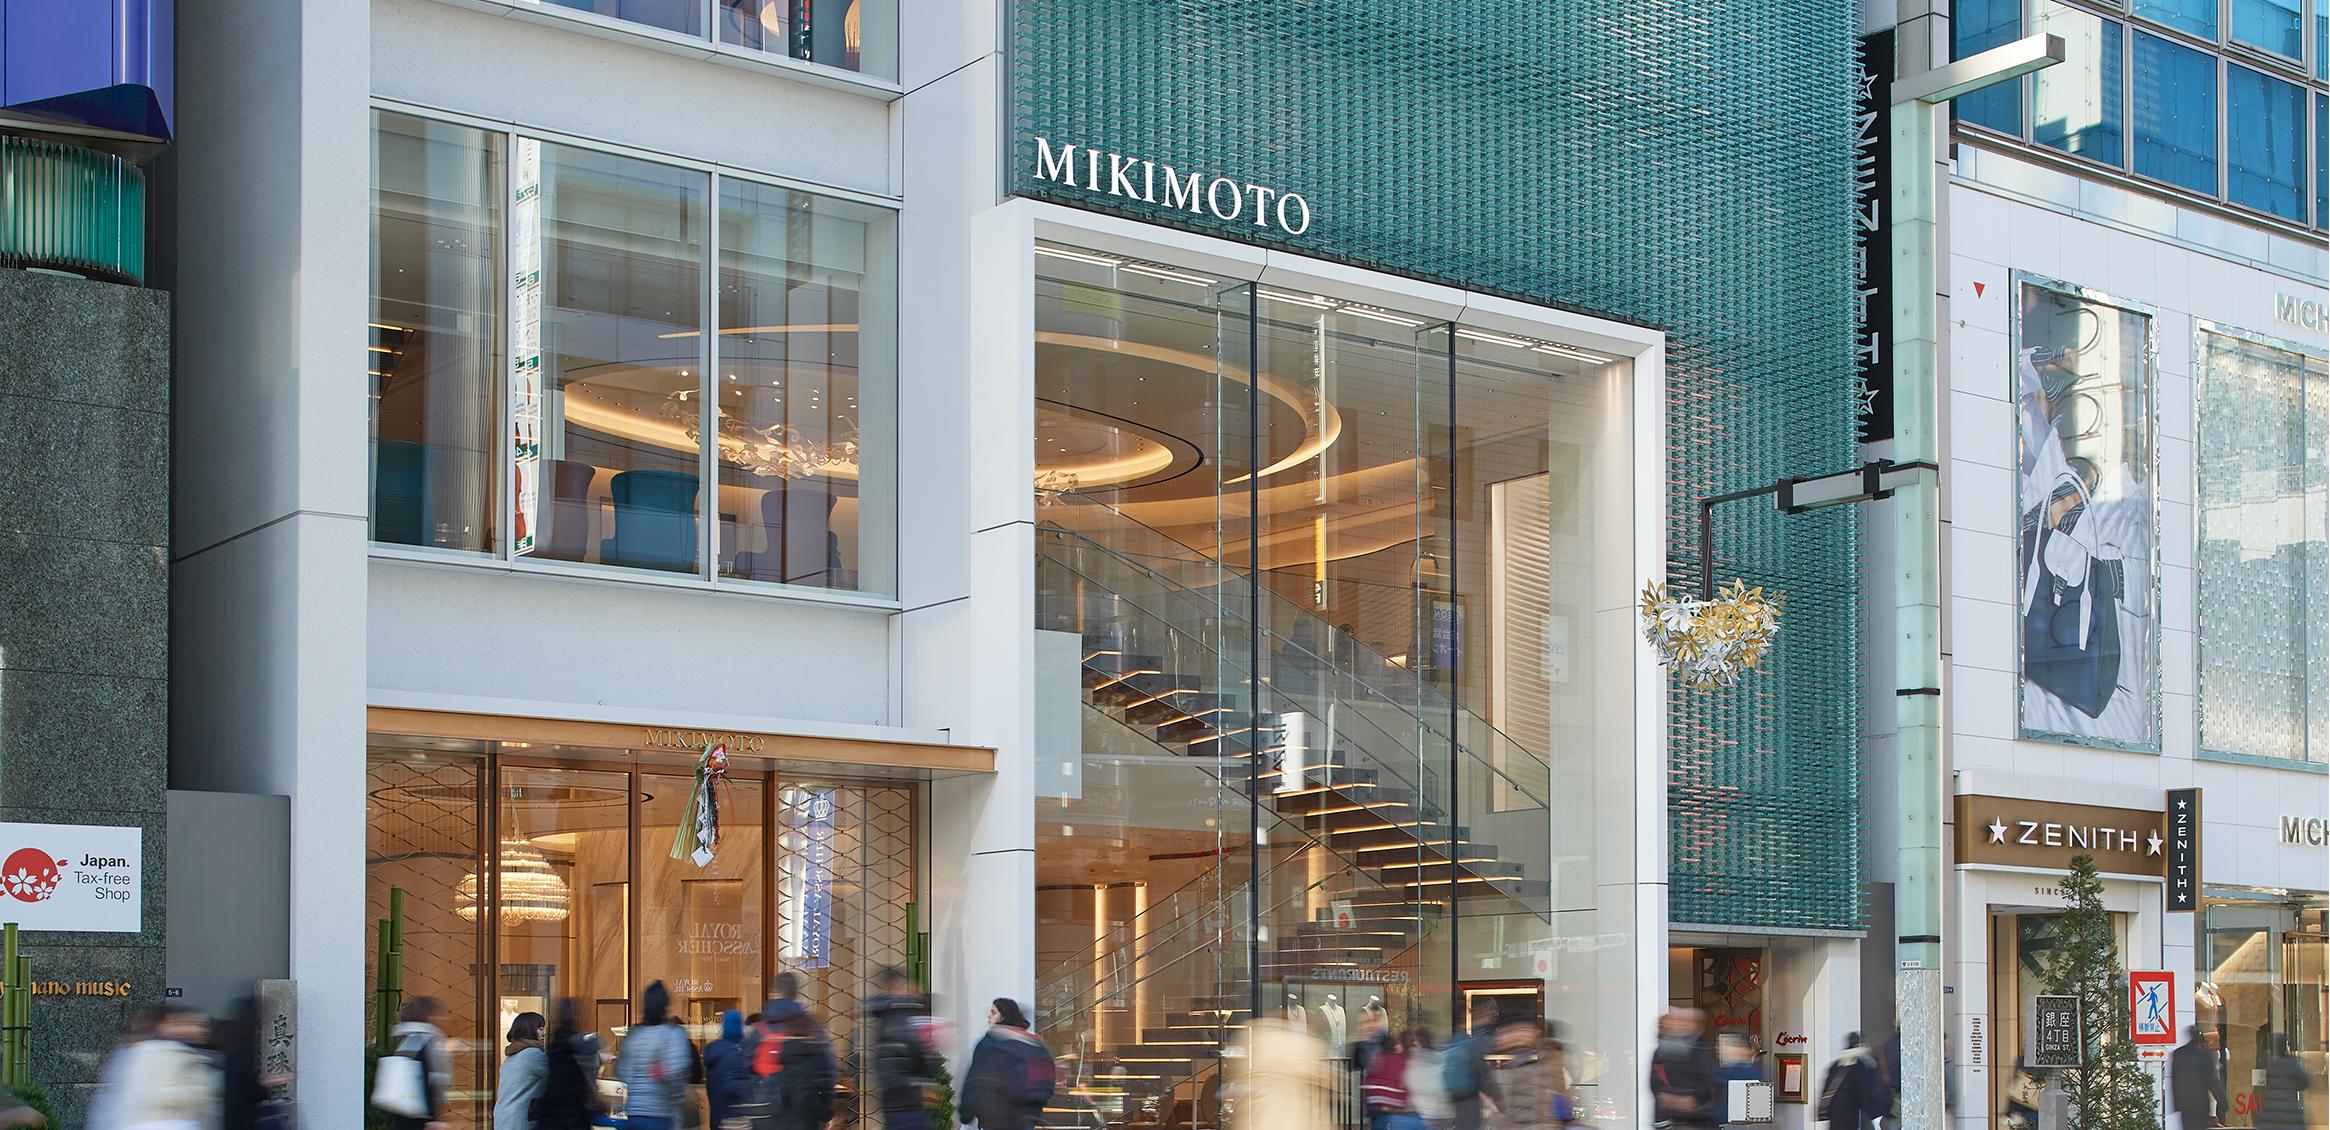 MIKIMOTO VI3枚目